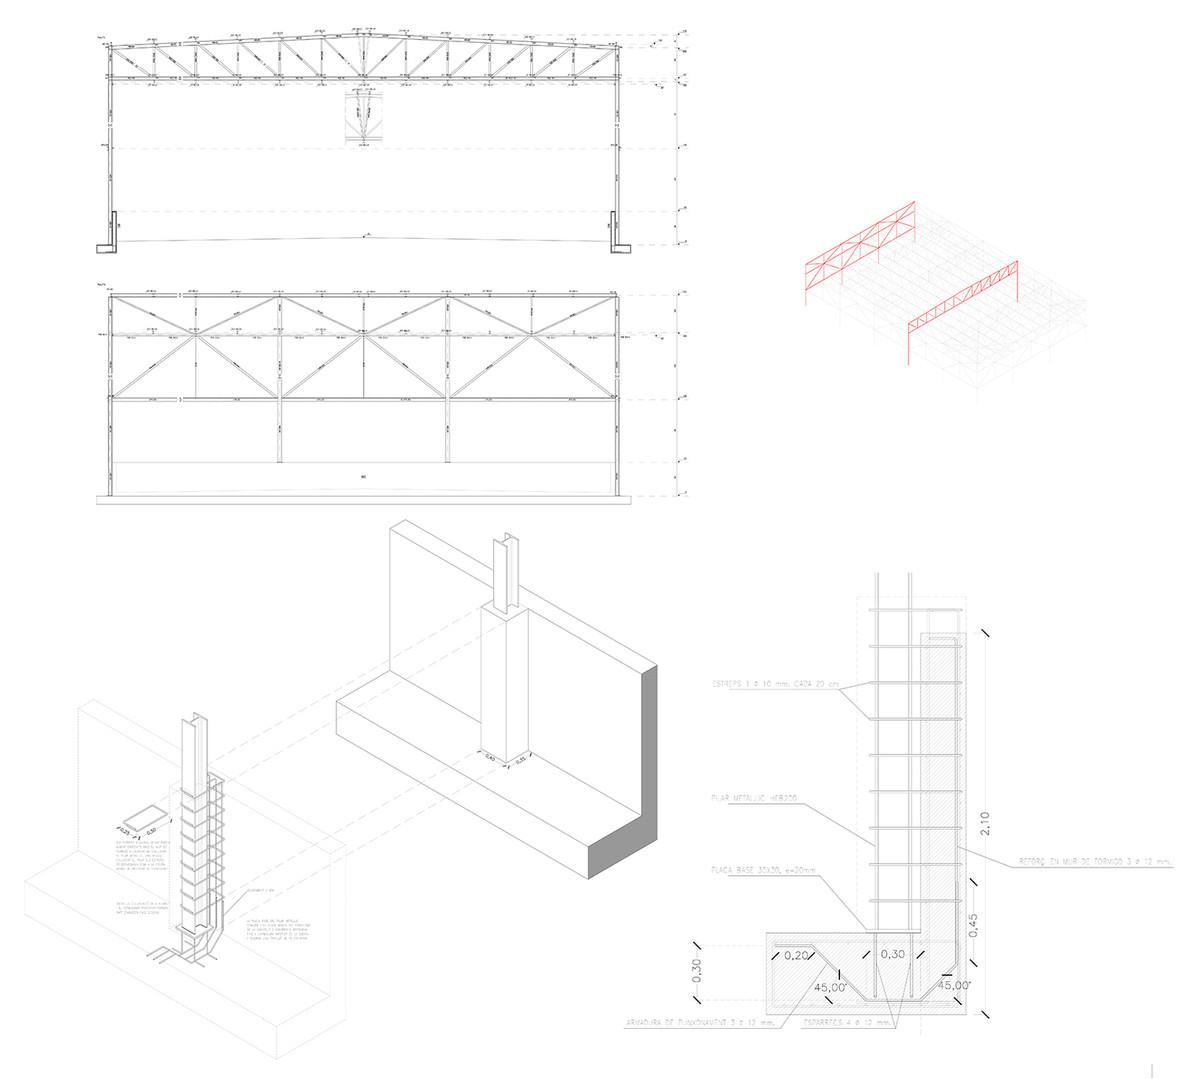 Pavelló estructura 1